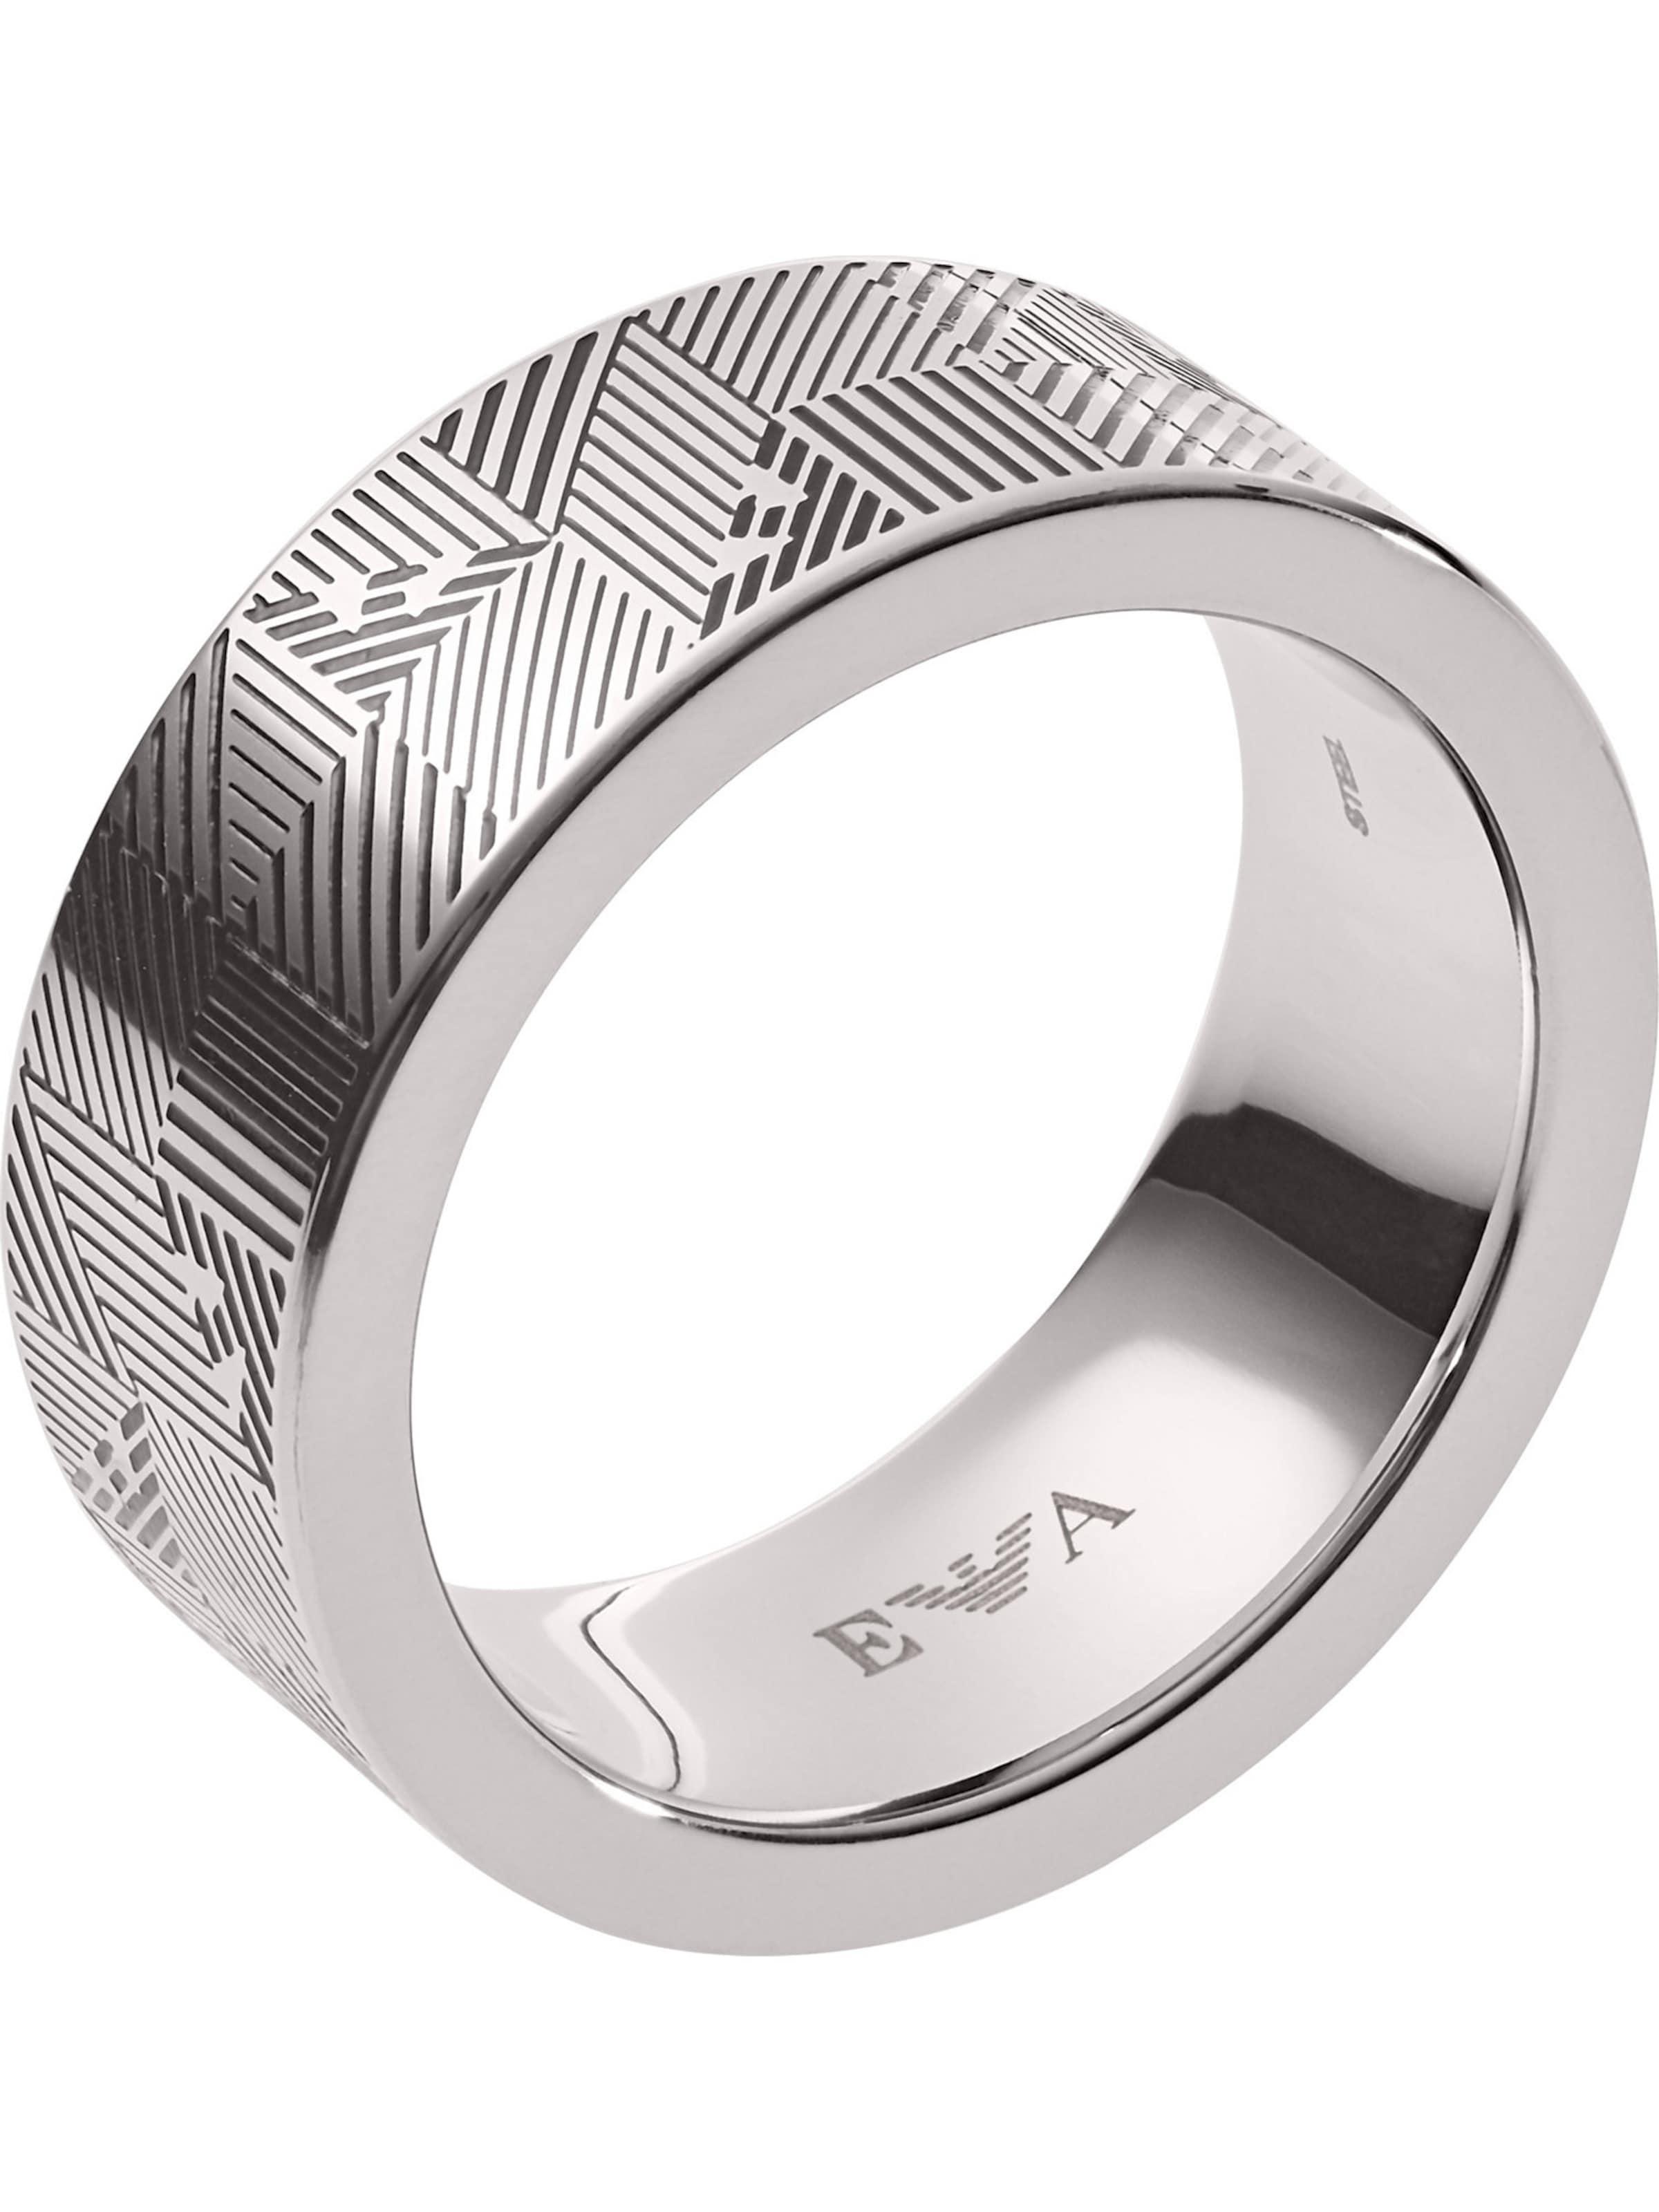 Armani In SchwarzSilber Emporio Ring 'egs2508040' 54AL3Rjq